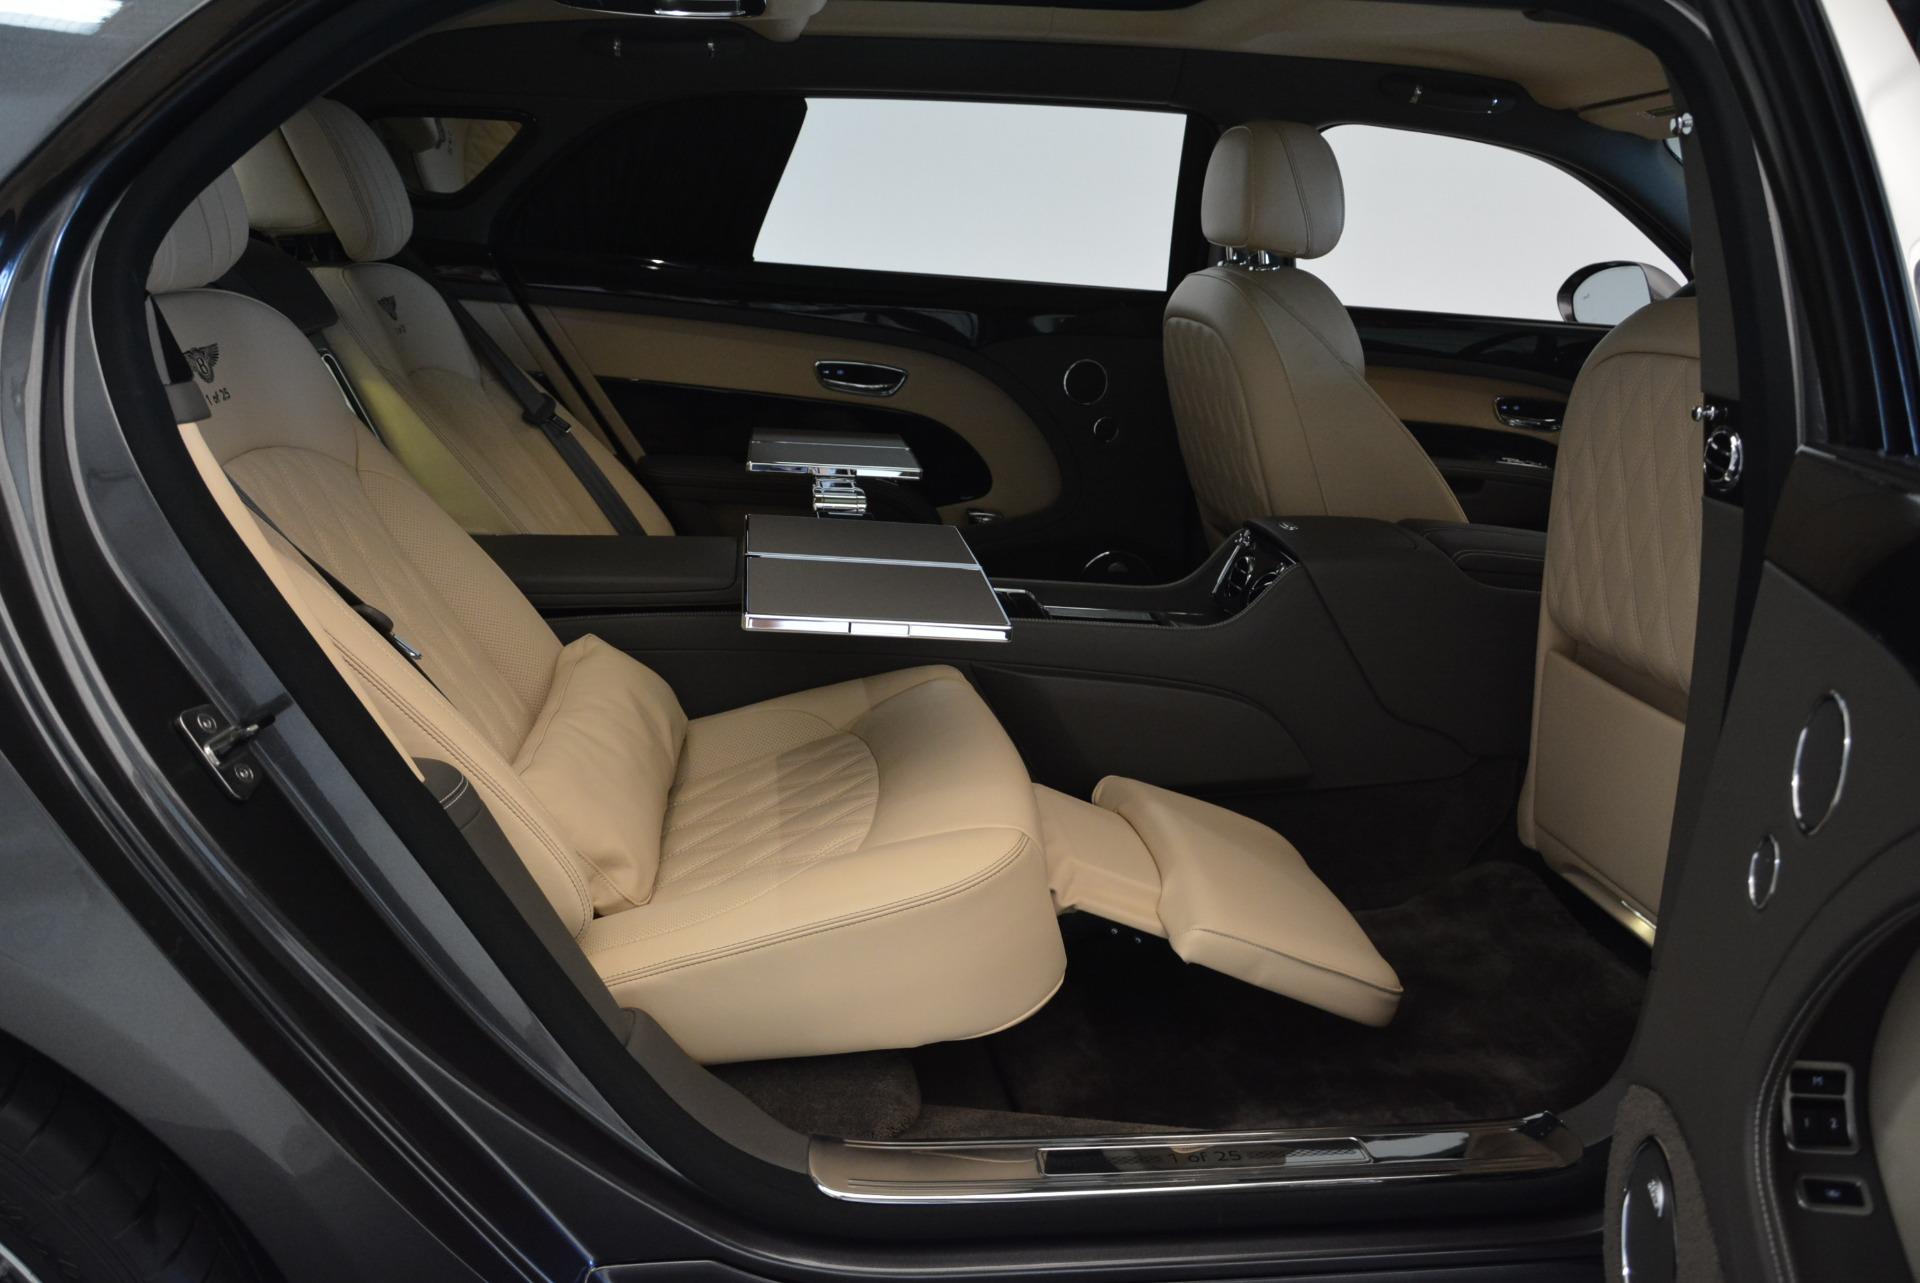 Used 2017 Bentley Mulsanne EWB For Sale In Westport, CT 1554_p27